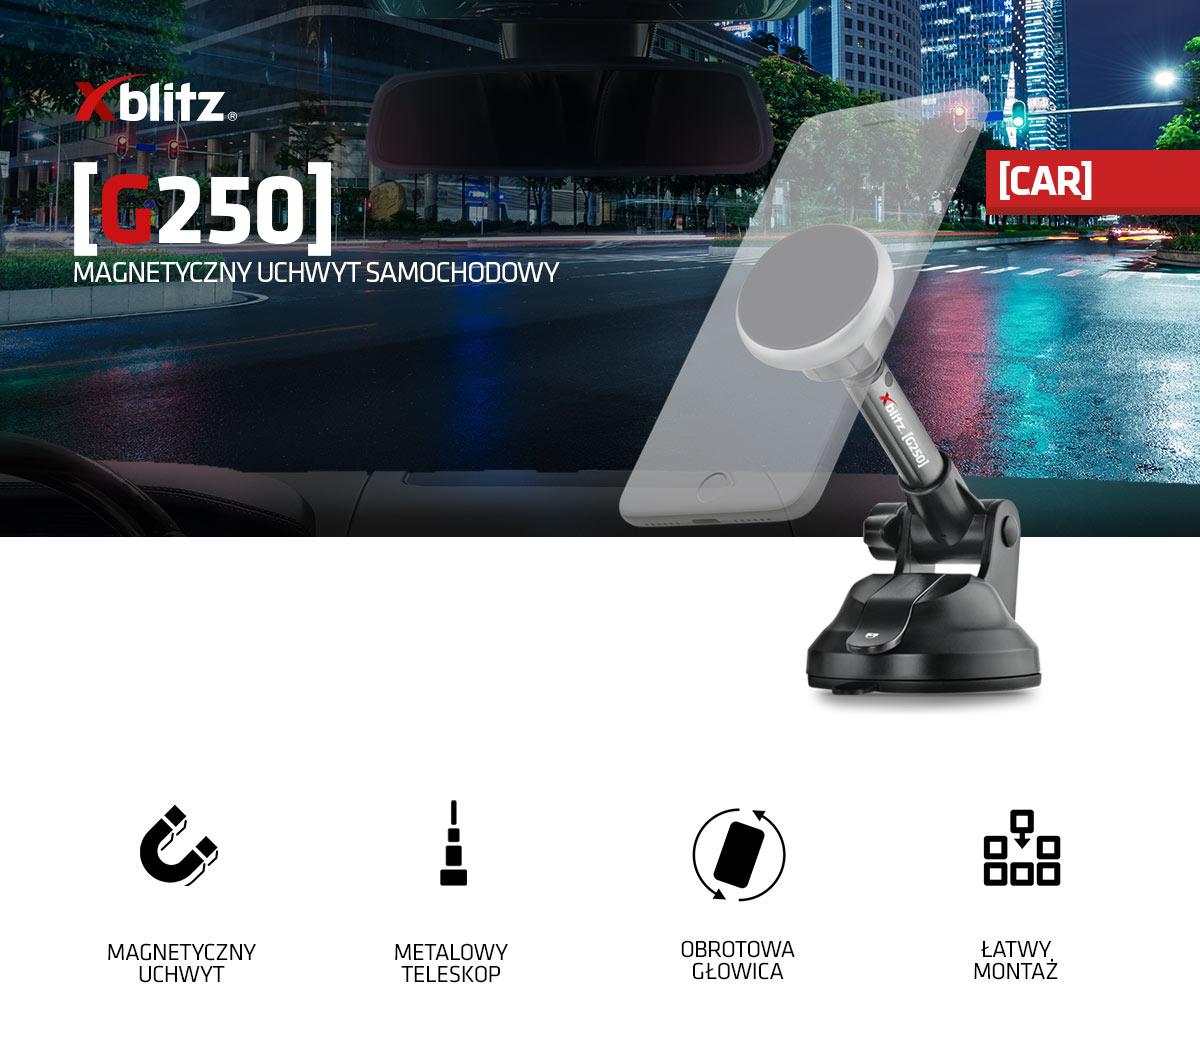 Magnetyczny uchwyt samochodowy Xblitz g250